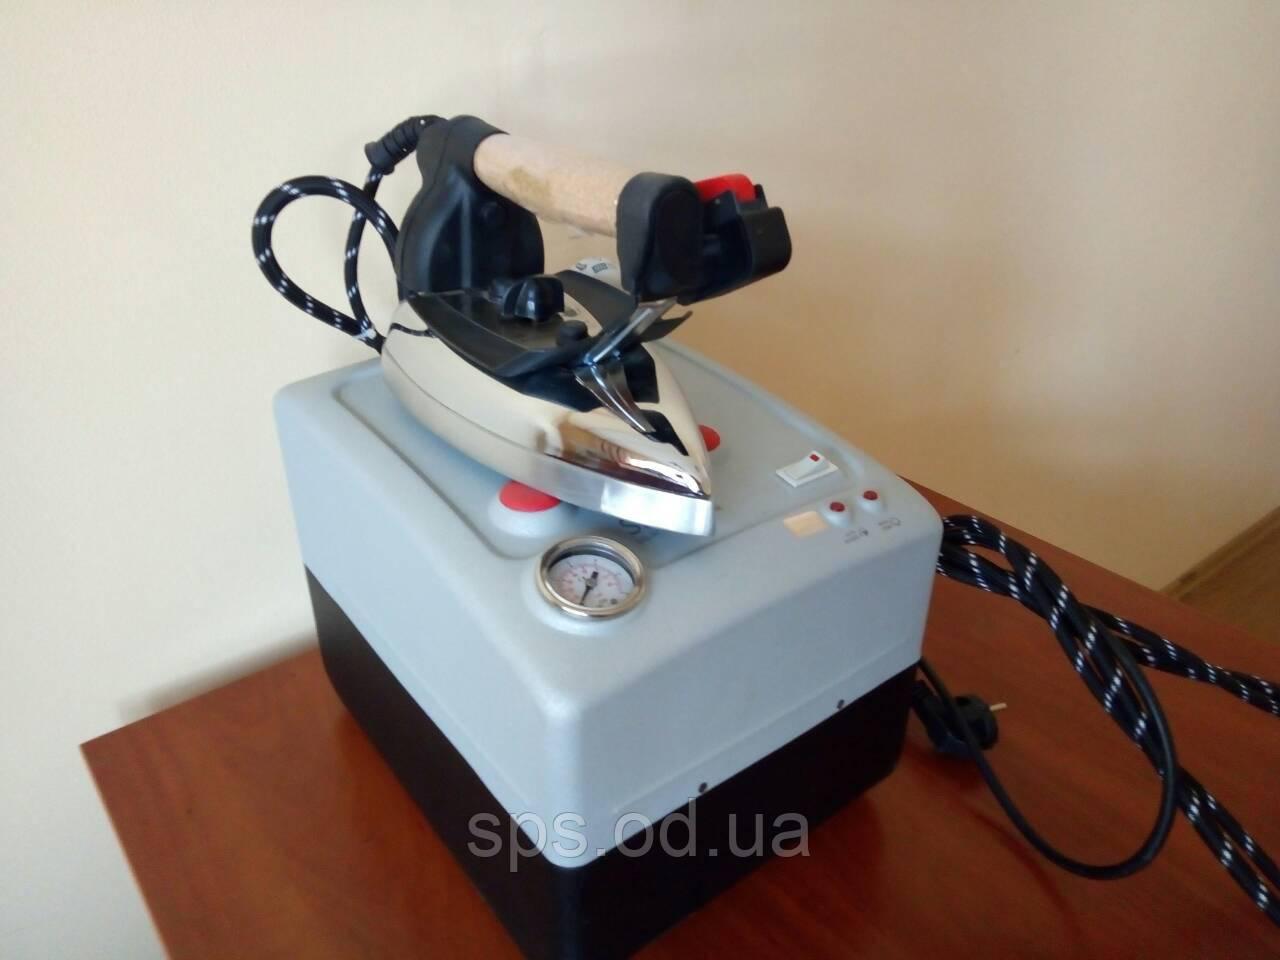 НОВИНКА         Пром. парогенератор c утюгом         SILTER SMG/MN 1035